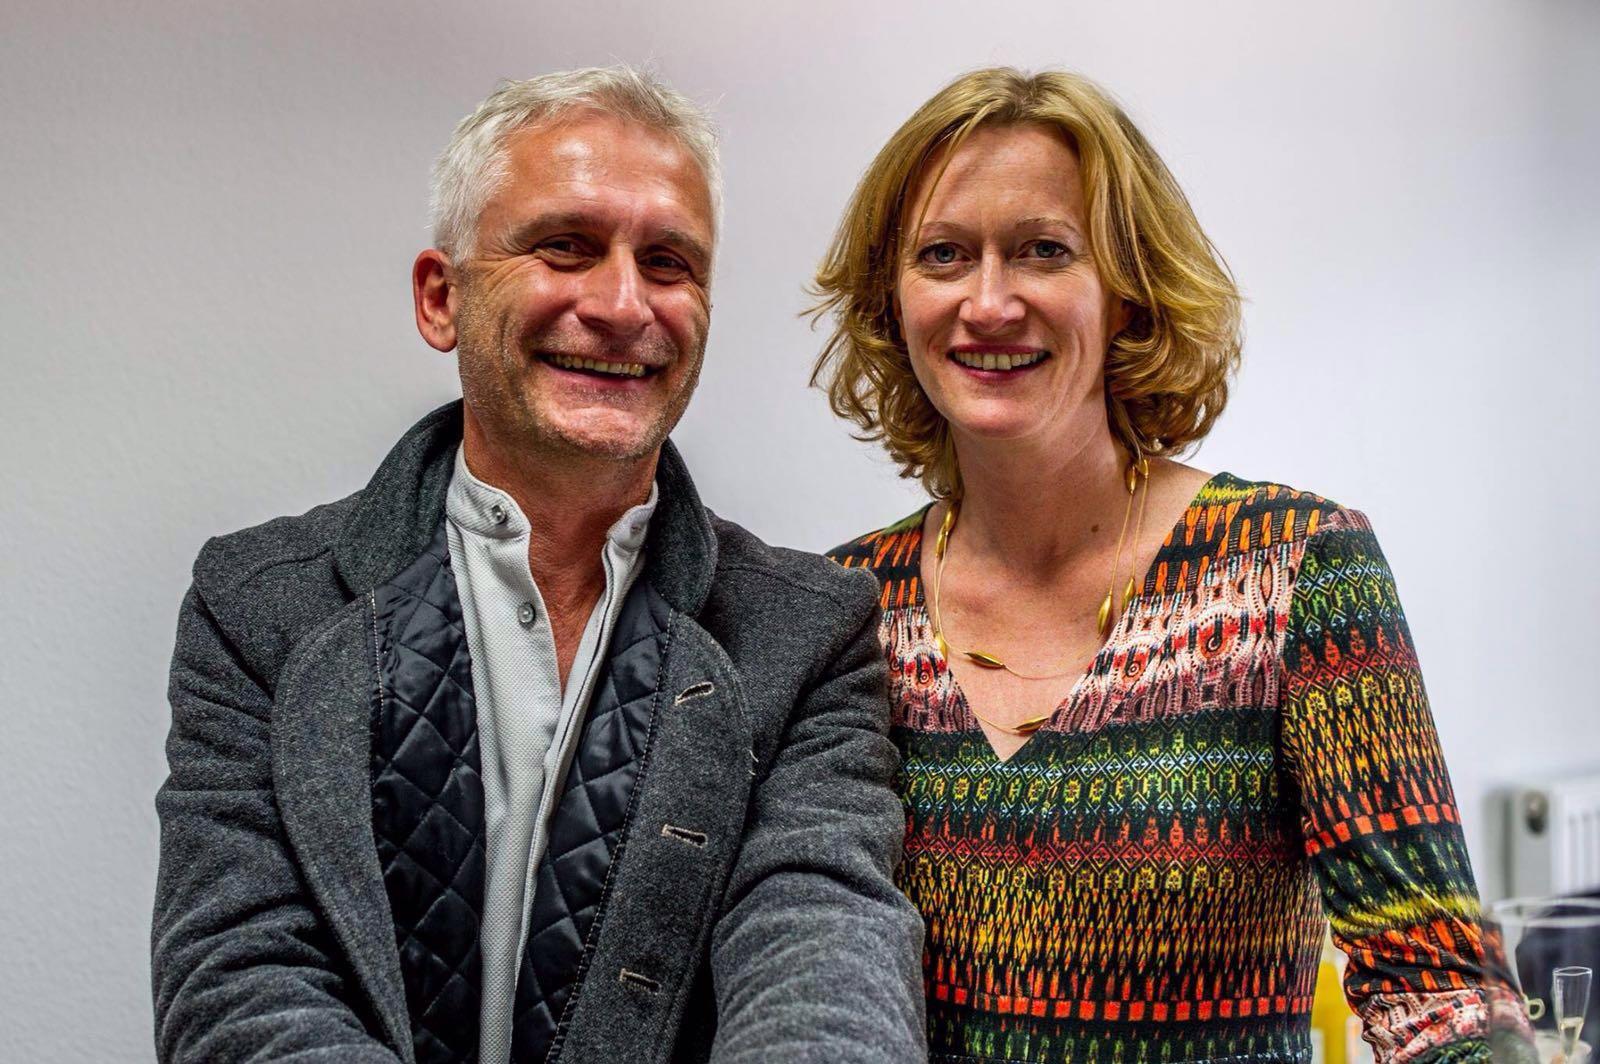 Kaffee-Gespräch mit Kerstin Andreae MdB und Gerhard Zickenheiner